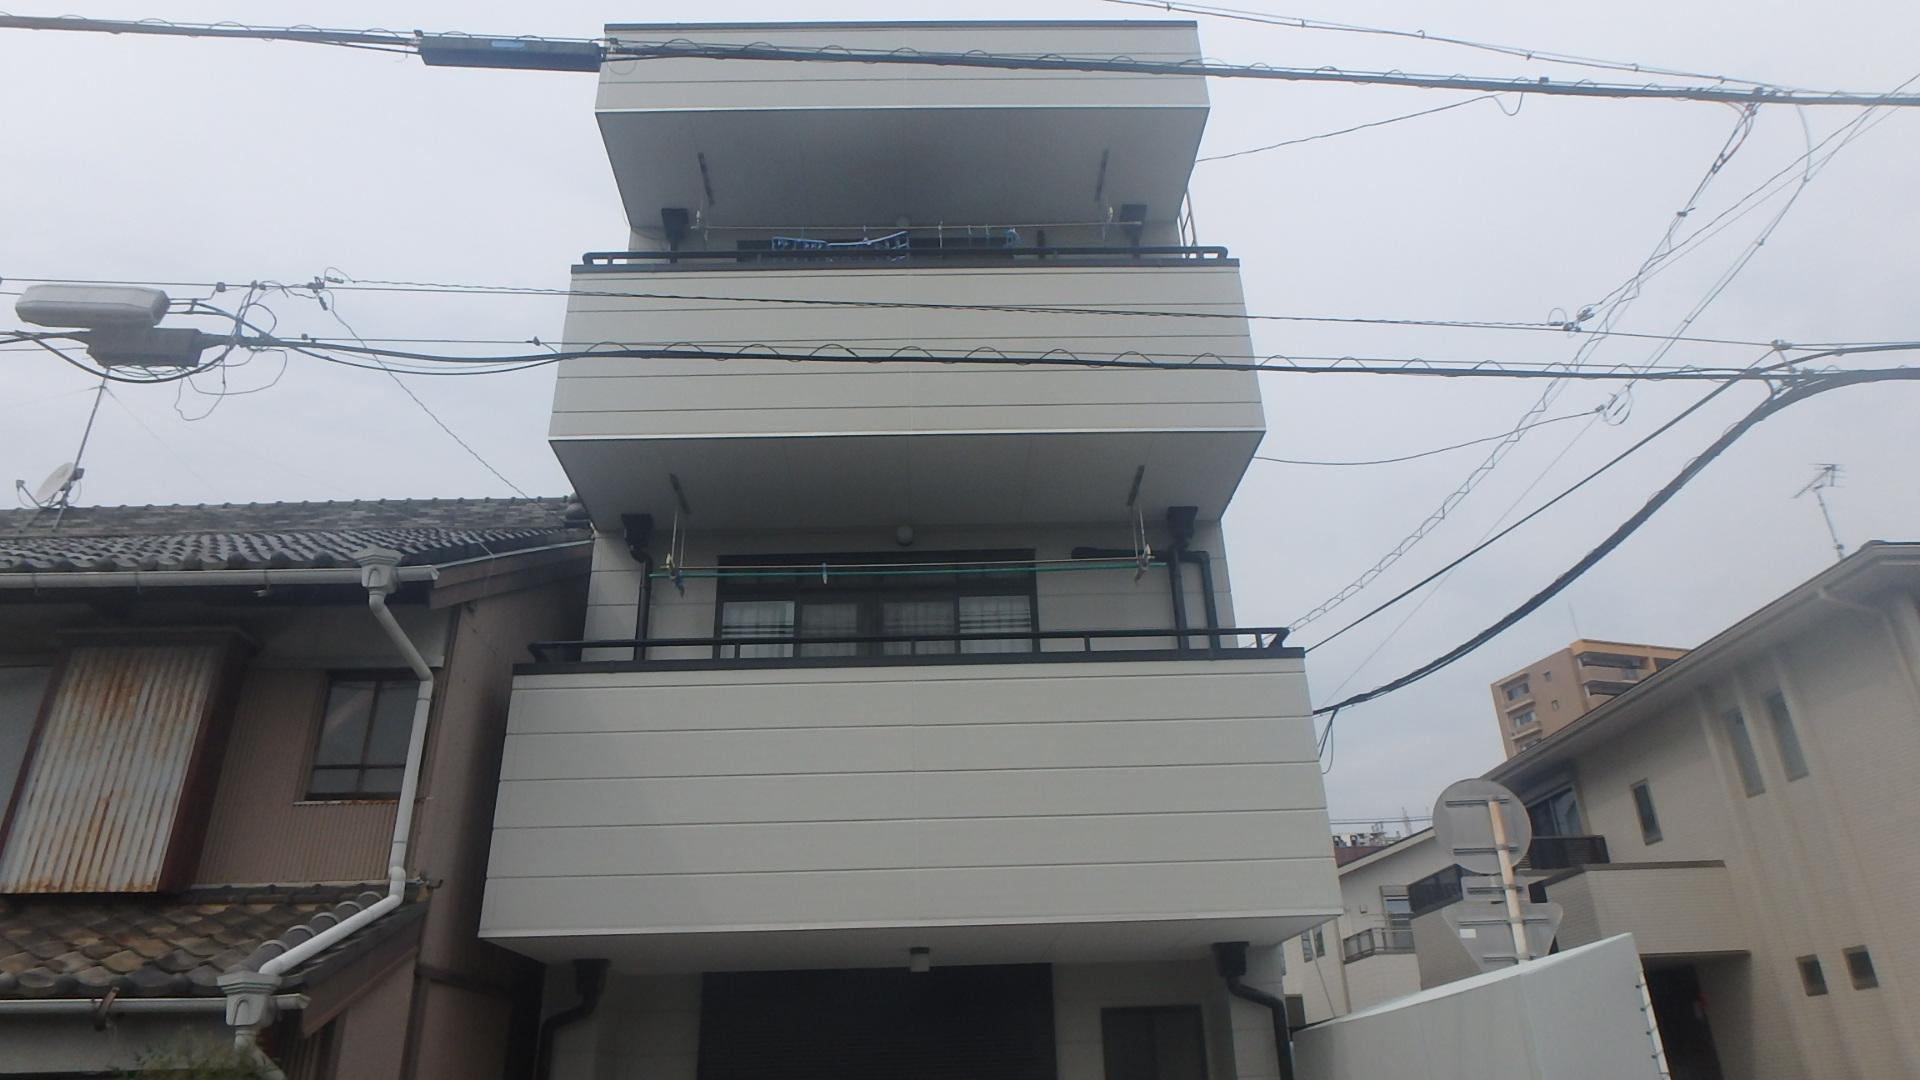 伸縮性のある塗料での施工なので、防水機能はバッチリです。 屋上の防水シートも、高耐久・高性能!!